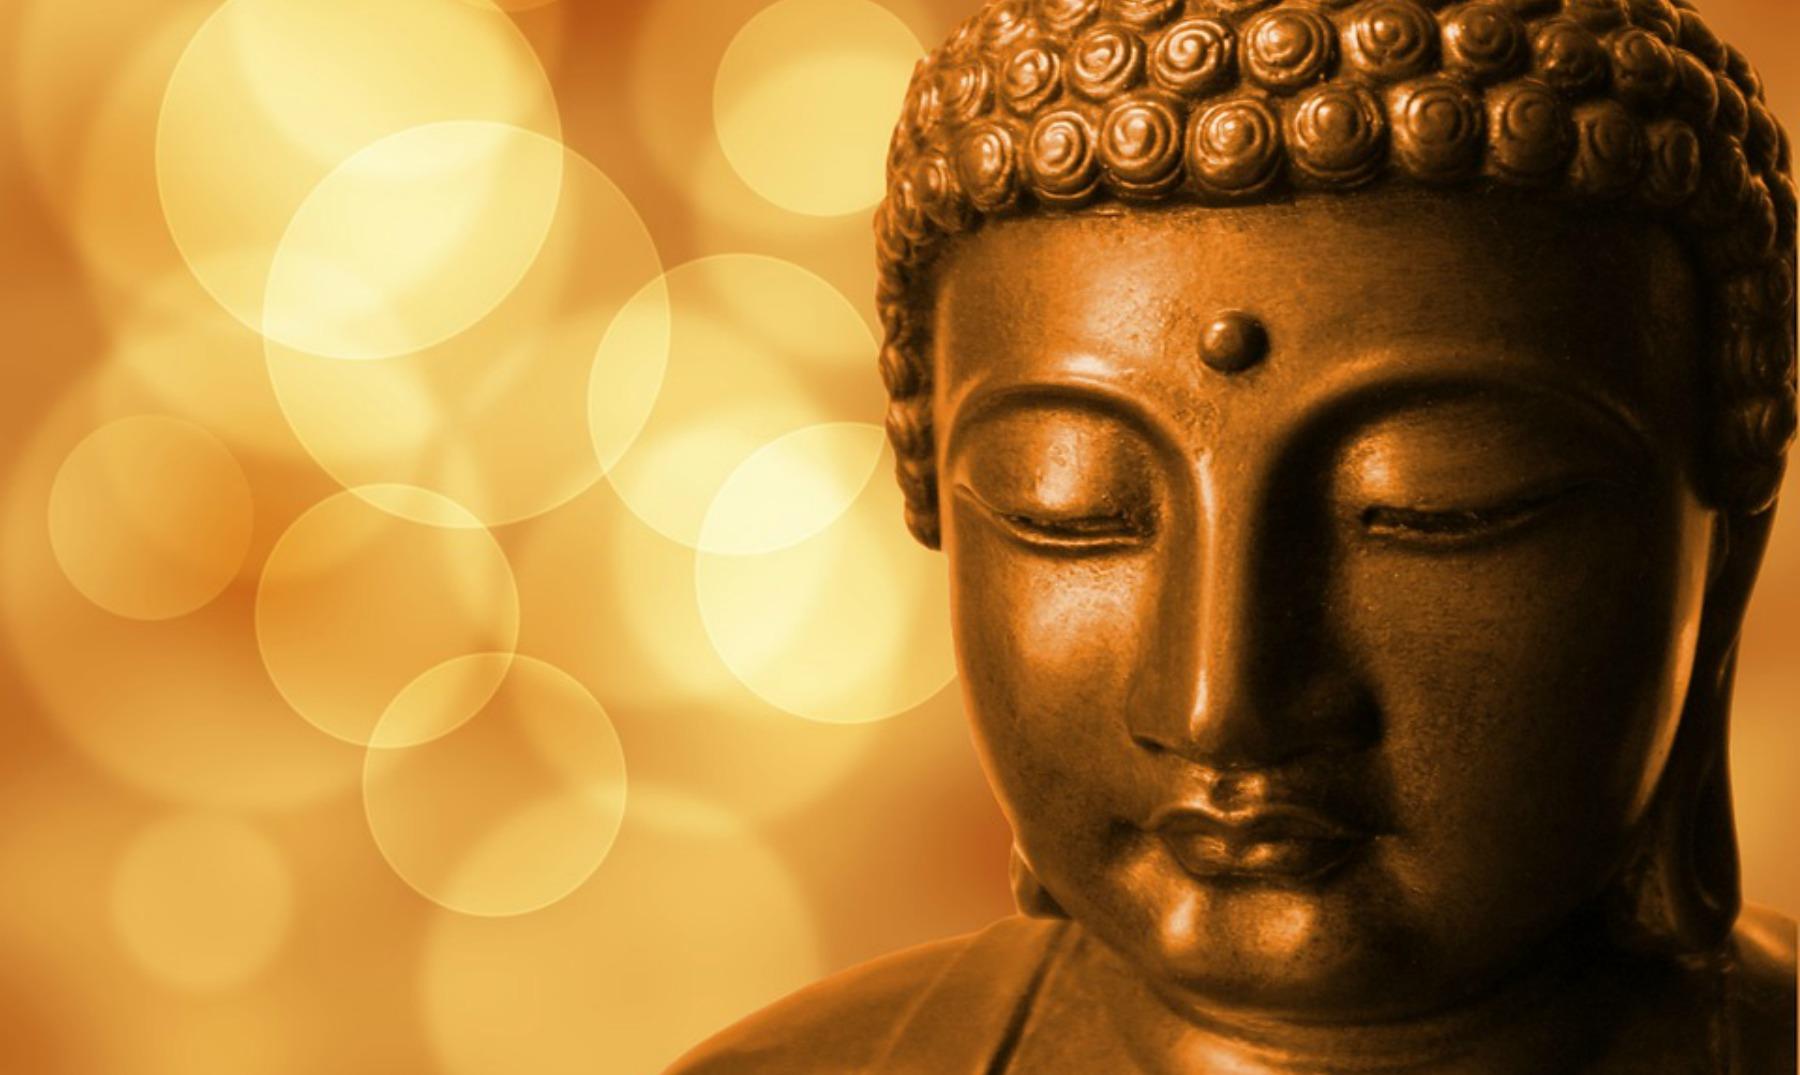 Mensajes Budistas Para Meditar Sobre Amor Frases De Pensadores Famosos